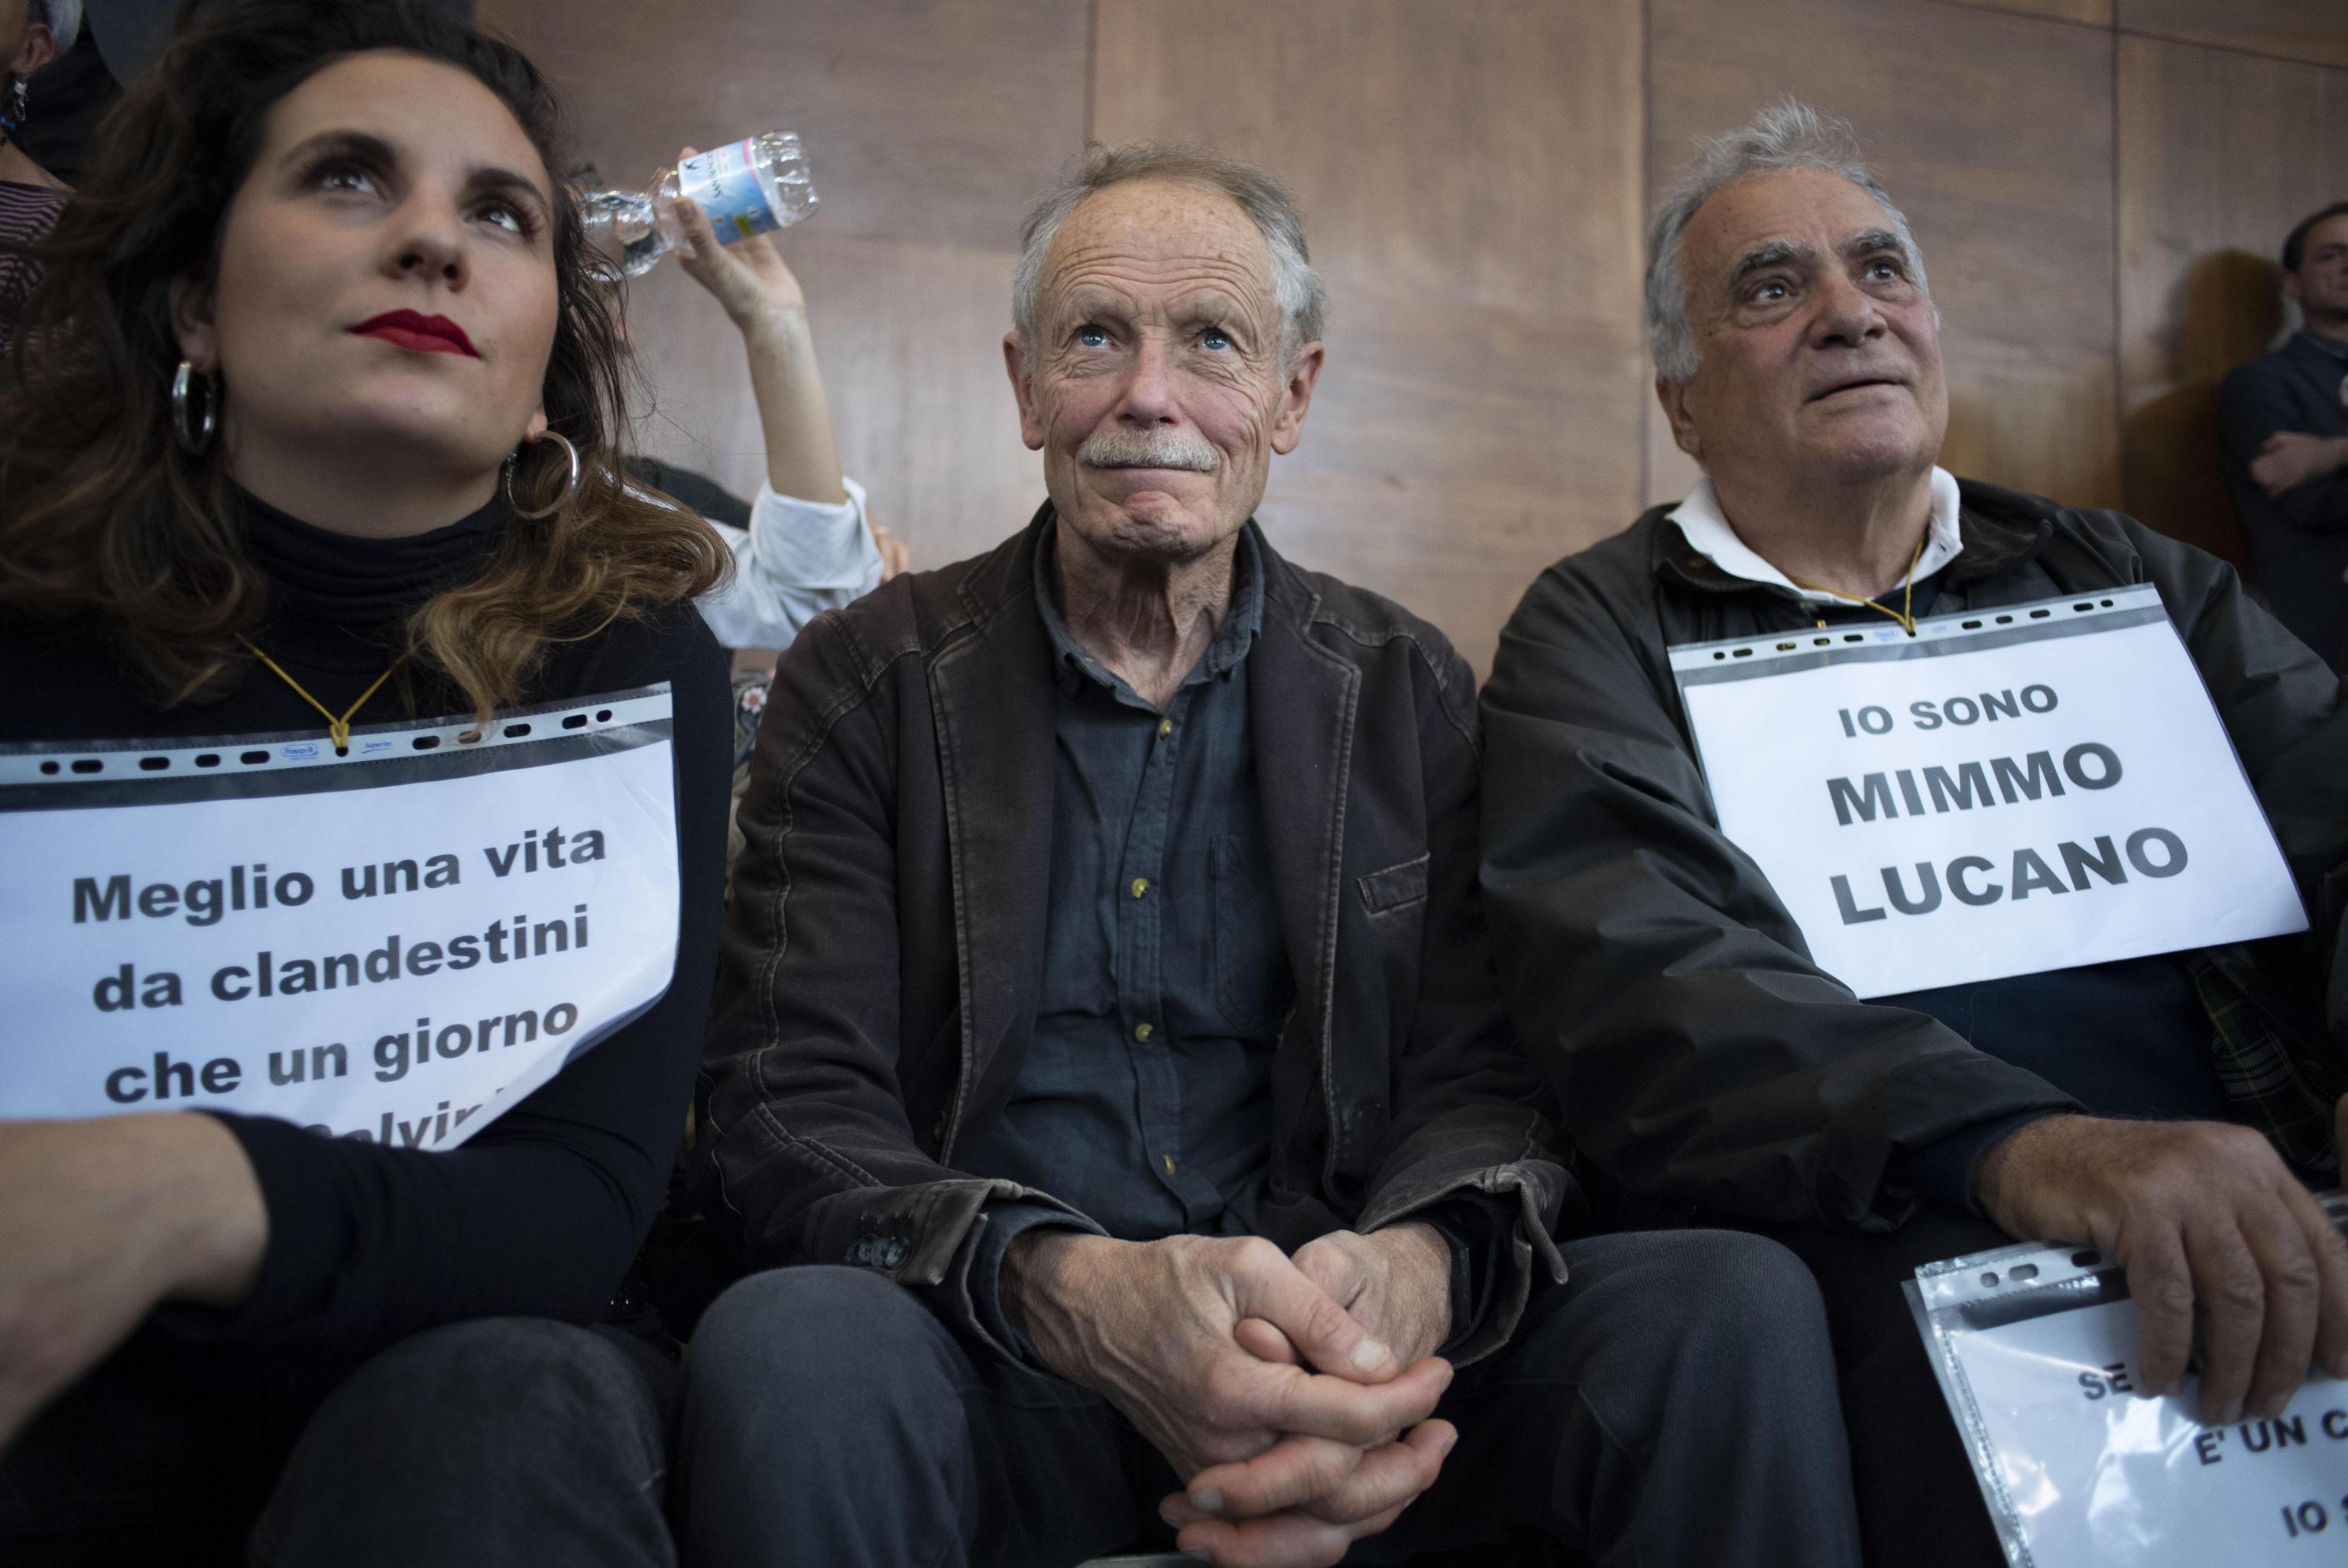 Erri De Luca al seminario dell'ex sindaco di Riace ,Mimmo Lucano, all'Università La Sapienza a Roma, 13 maggio 2019.   ANSA/MAURIZIO BRAMBATTI